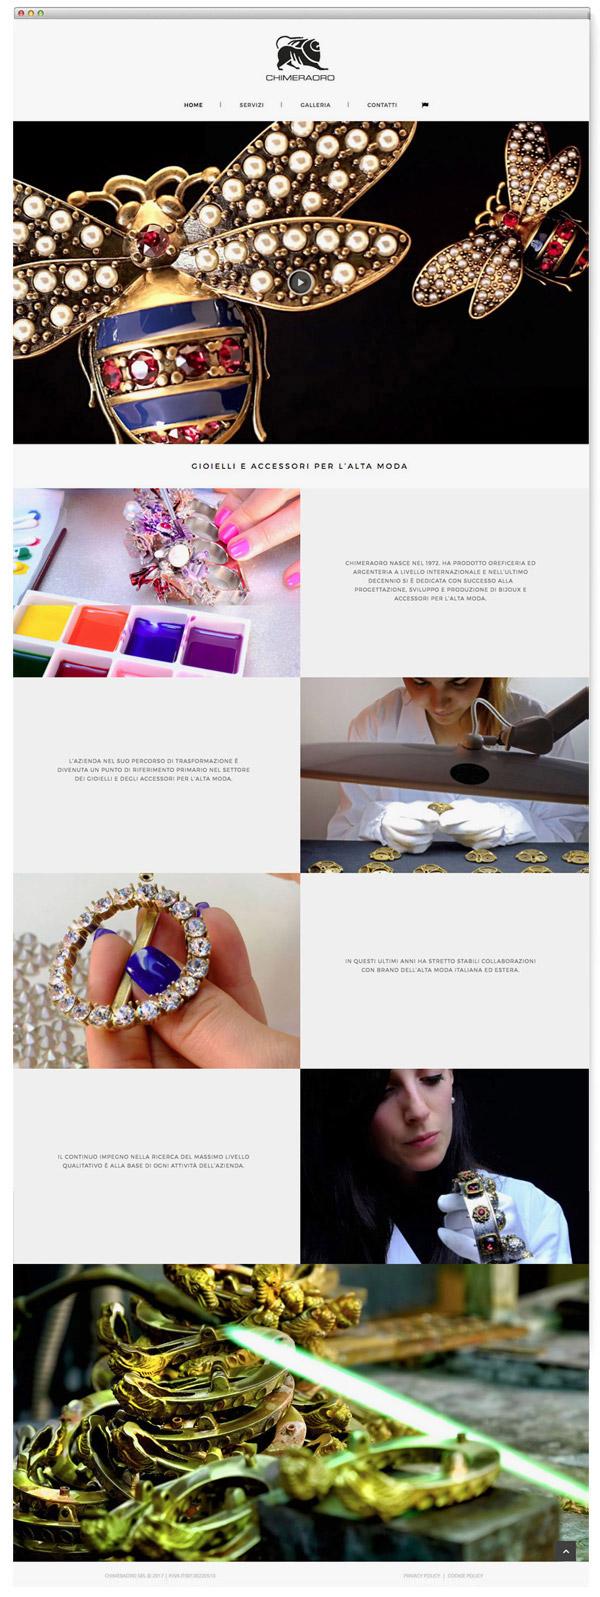 Gioielleria, accessori, alta moda